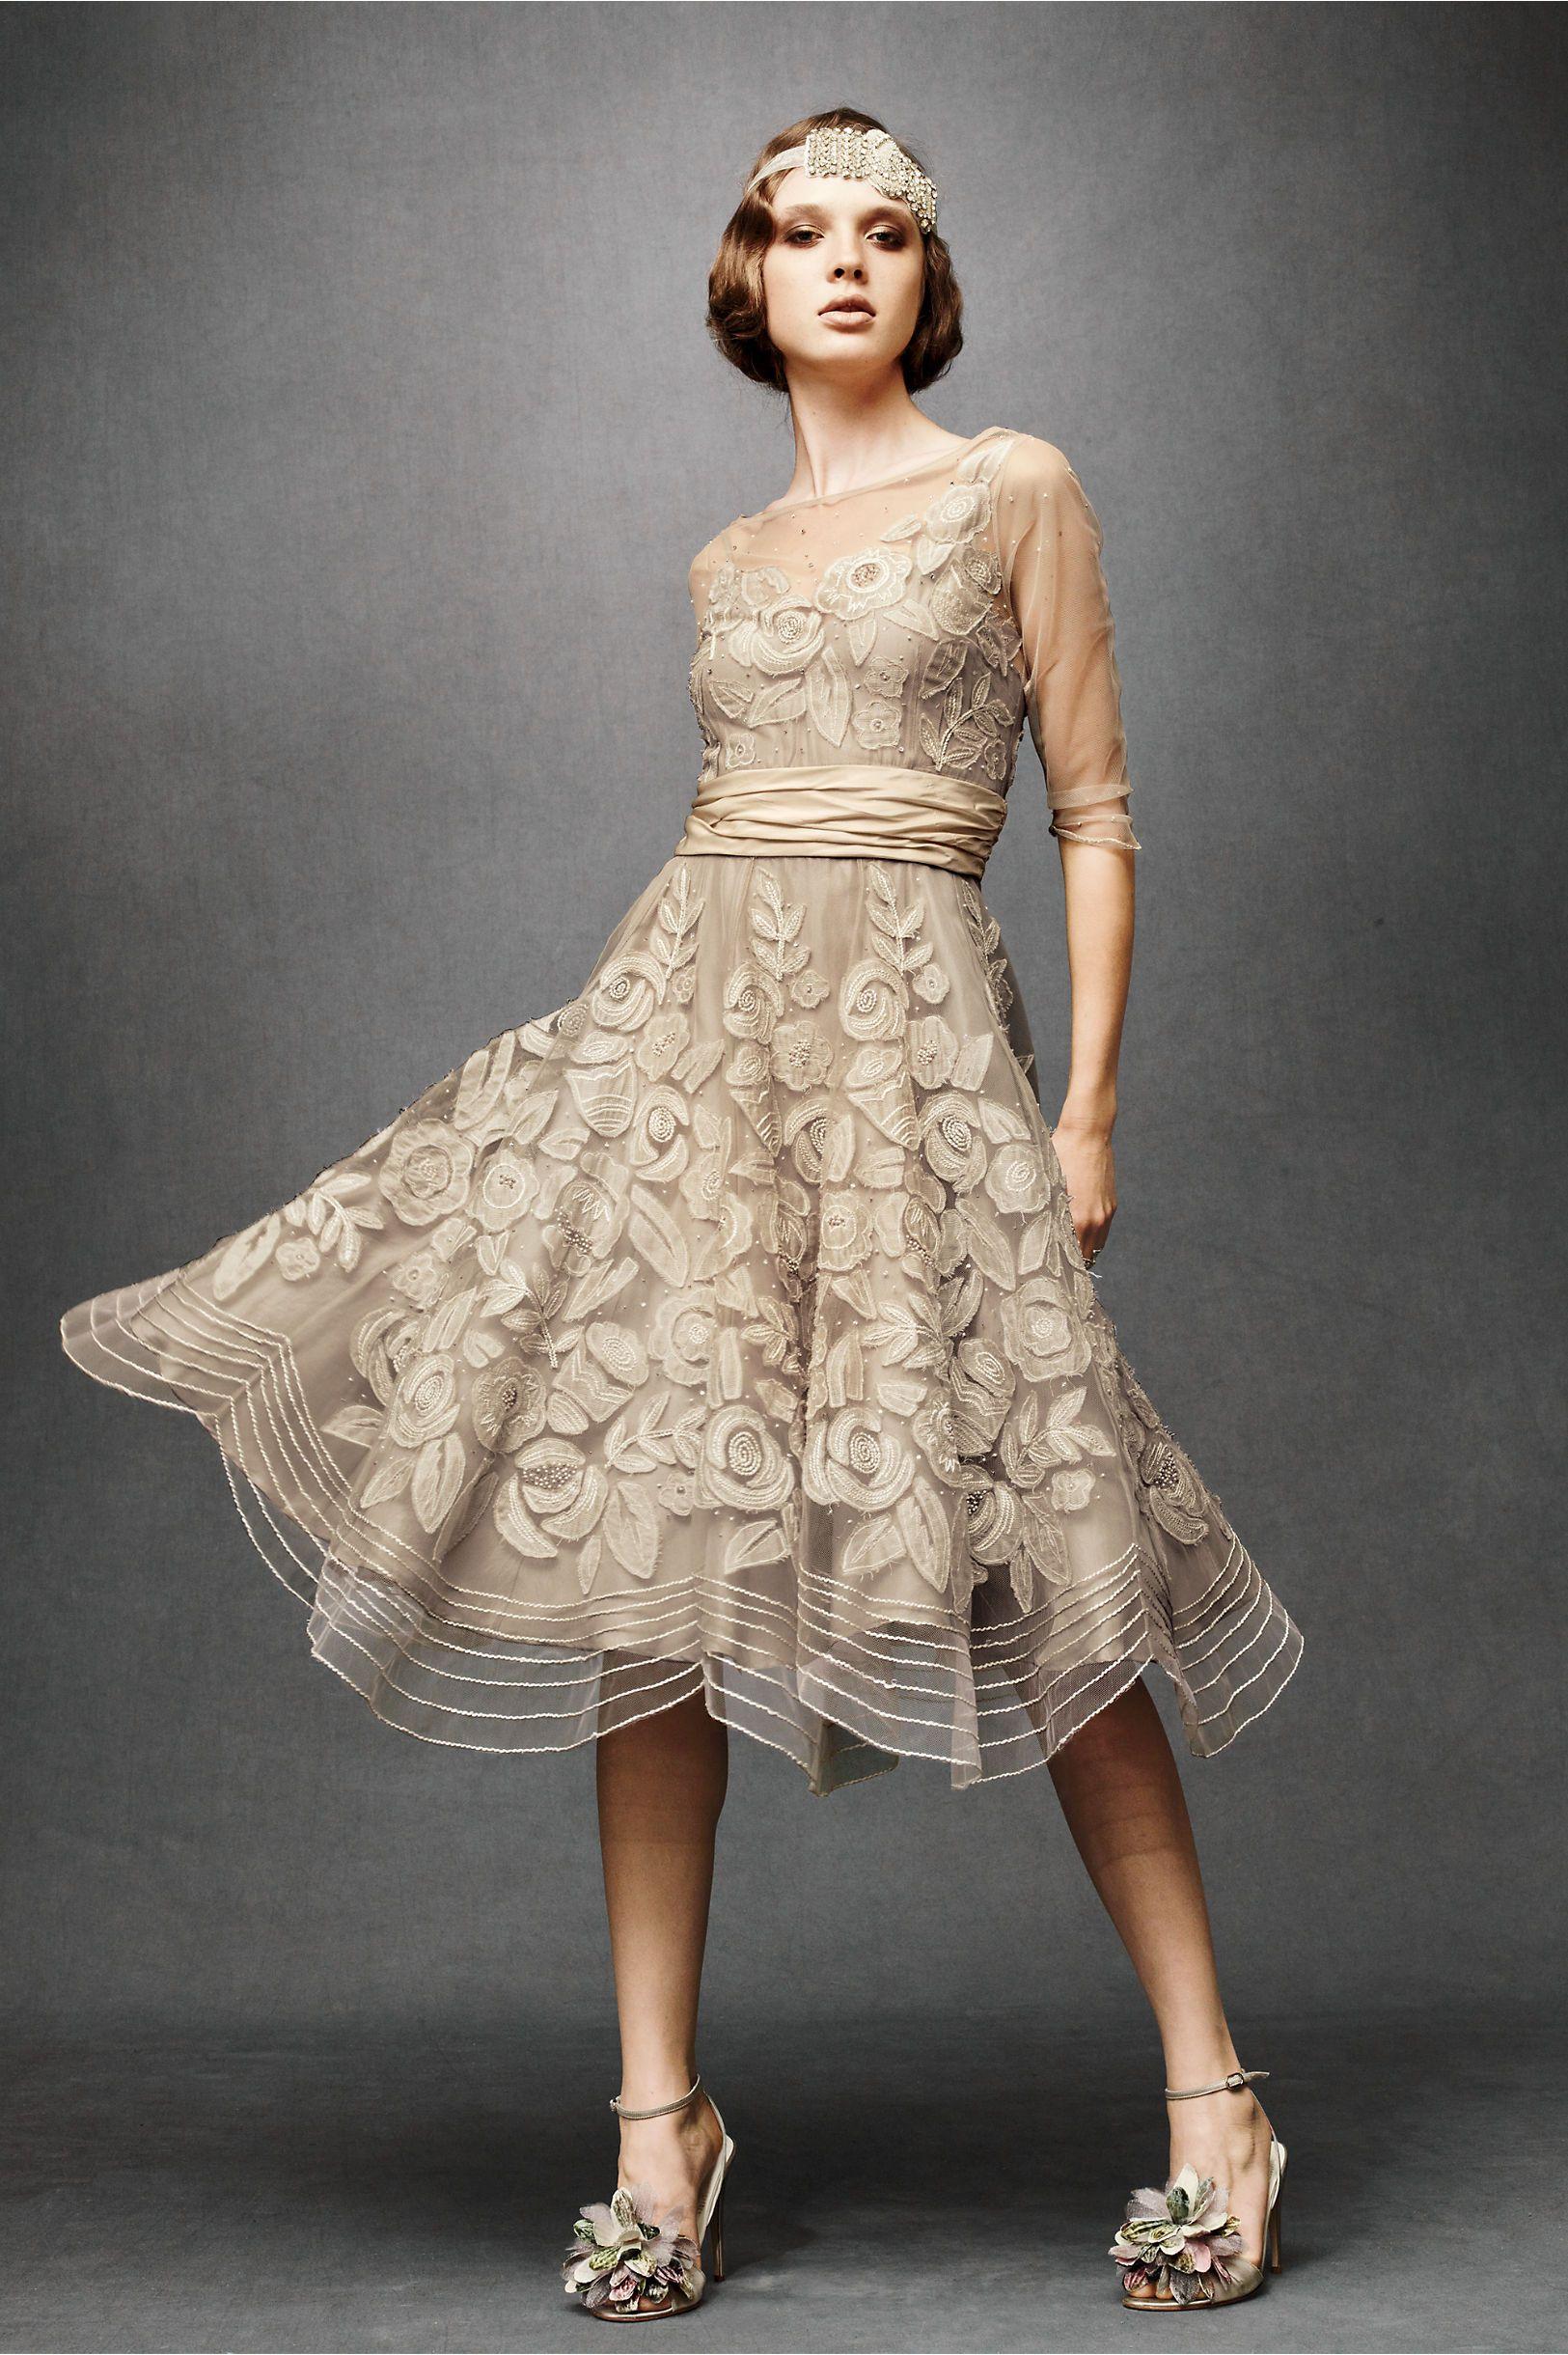 Ga voor een jaren 20 look #weddingdress #bruidsjurk